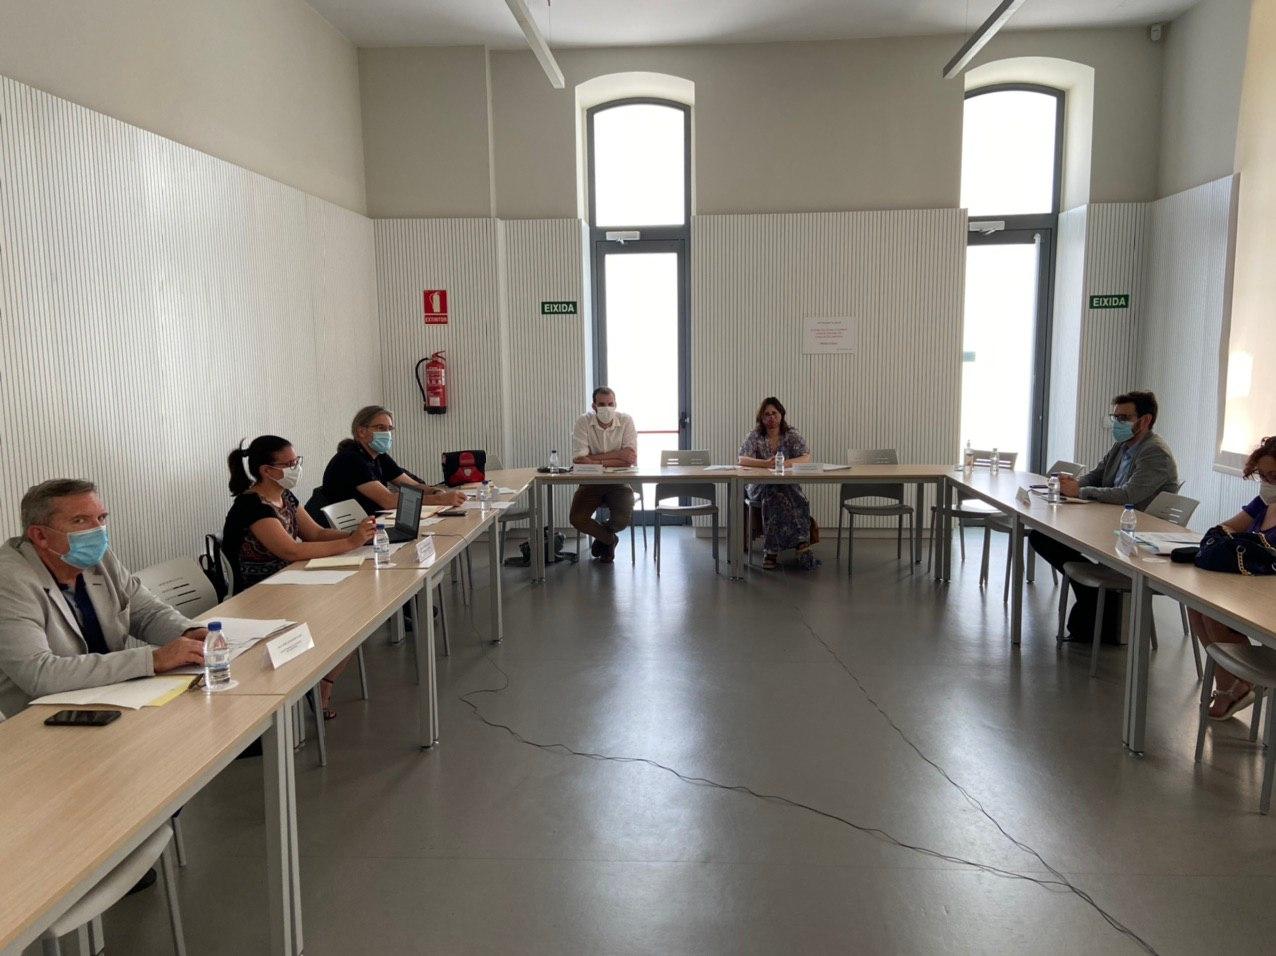 Pérez Garijo preside el grupo de trabajo de Transparencia y Responsabilidad Social de la Mesa de Diálogo Social para la reconstrucción